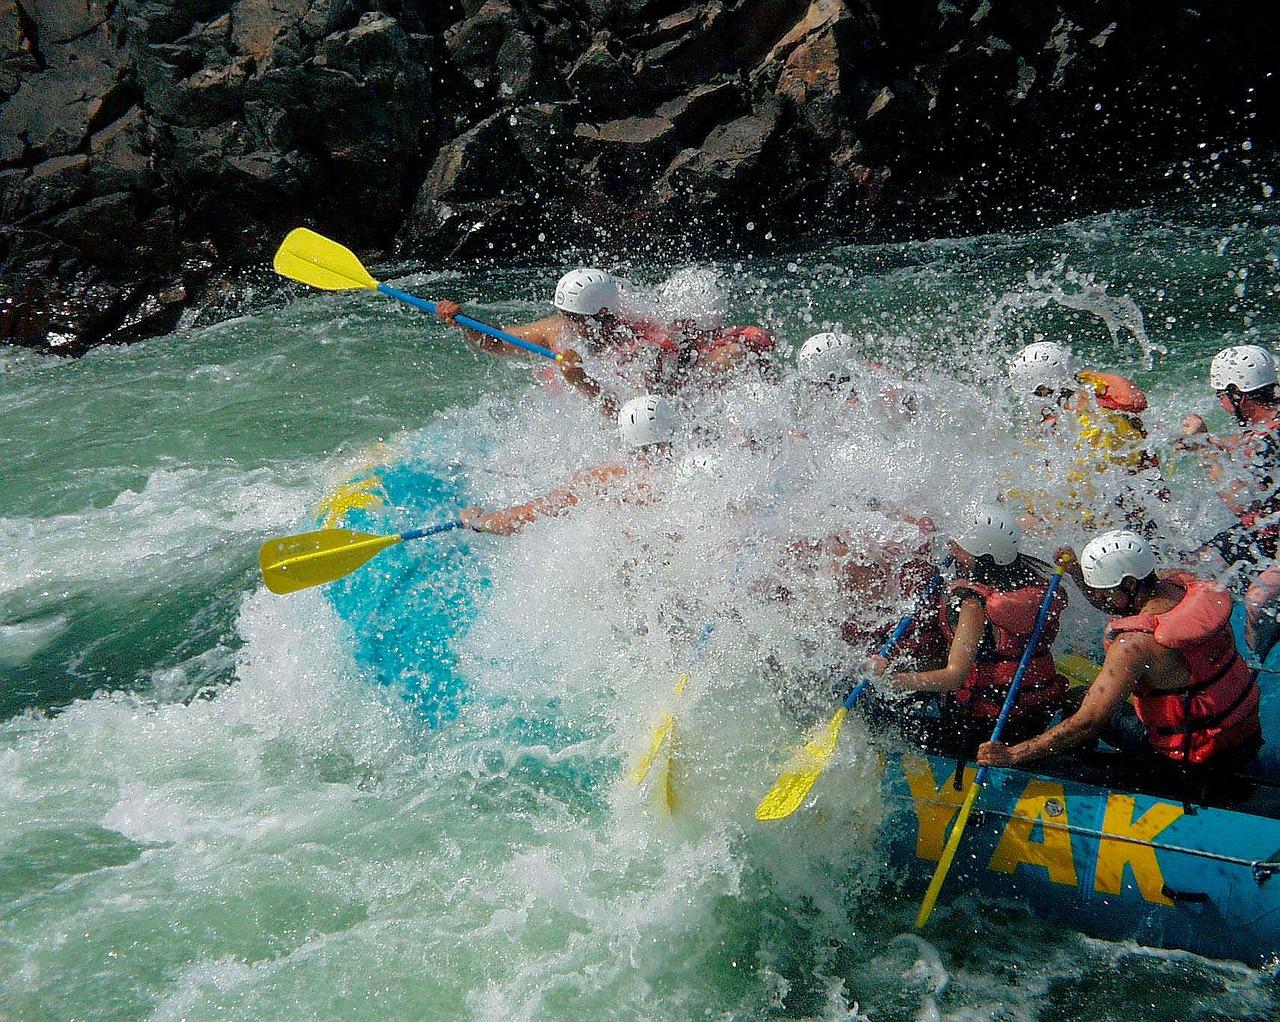 river-rafting-50112_1280